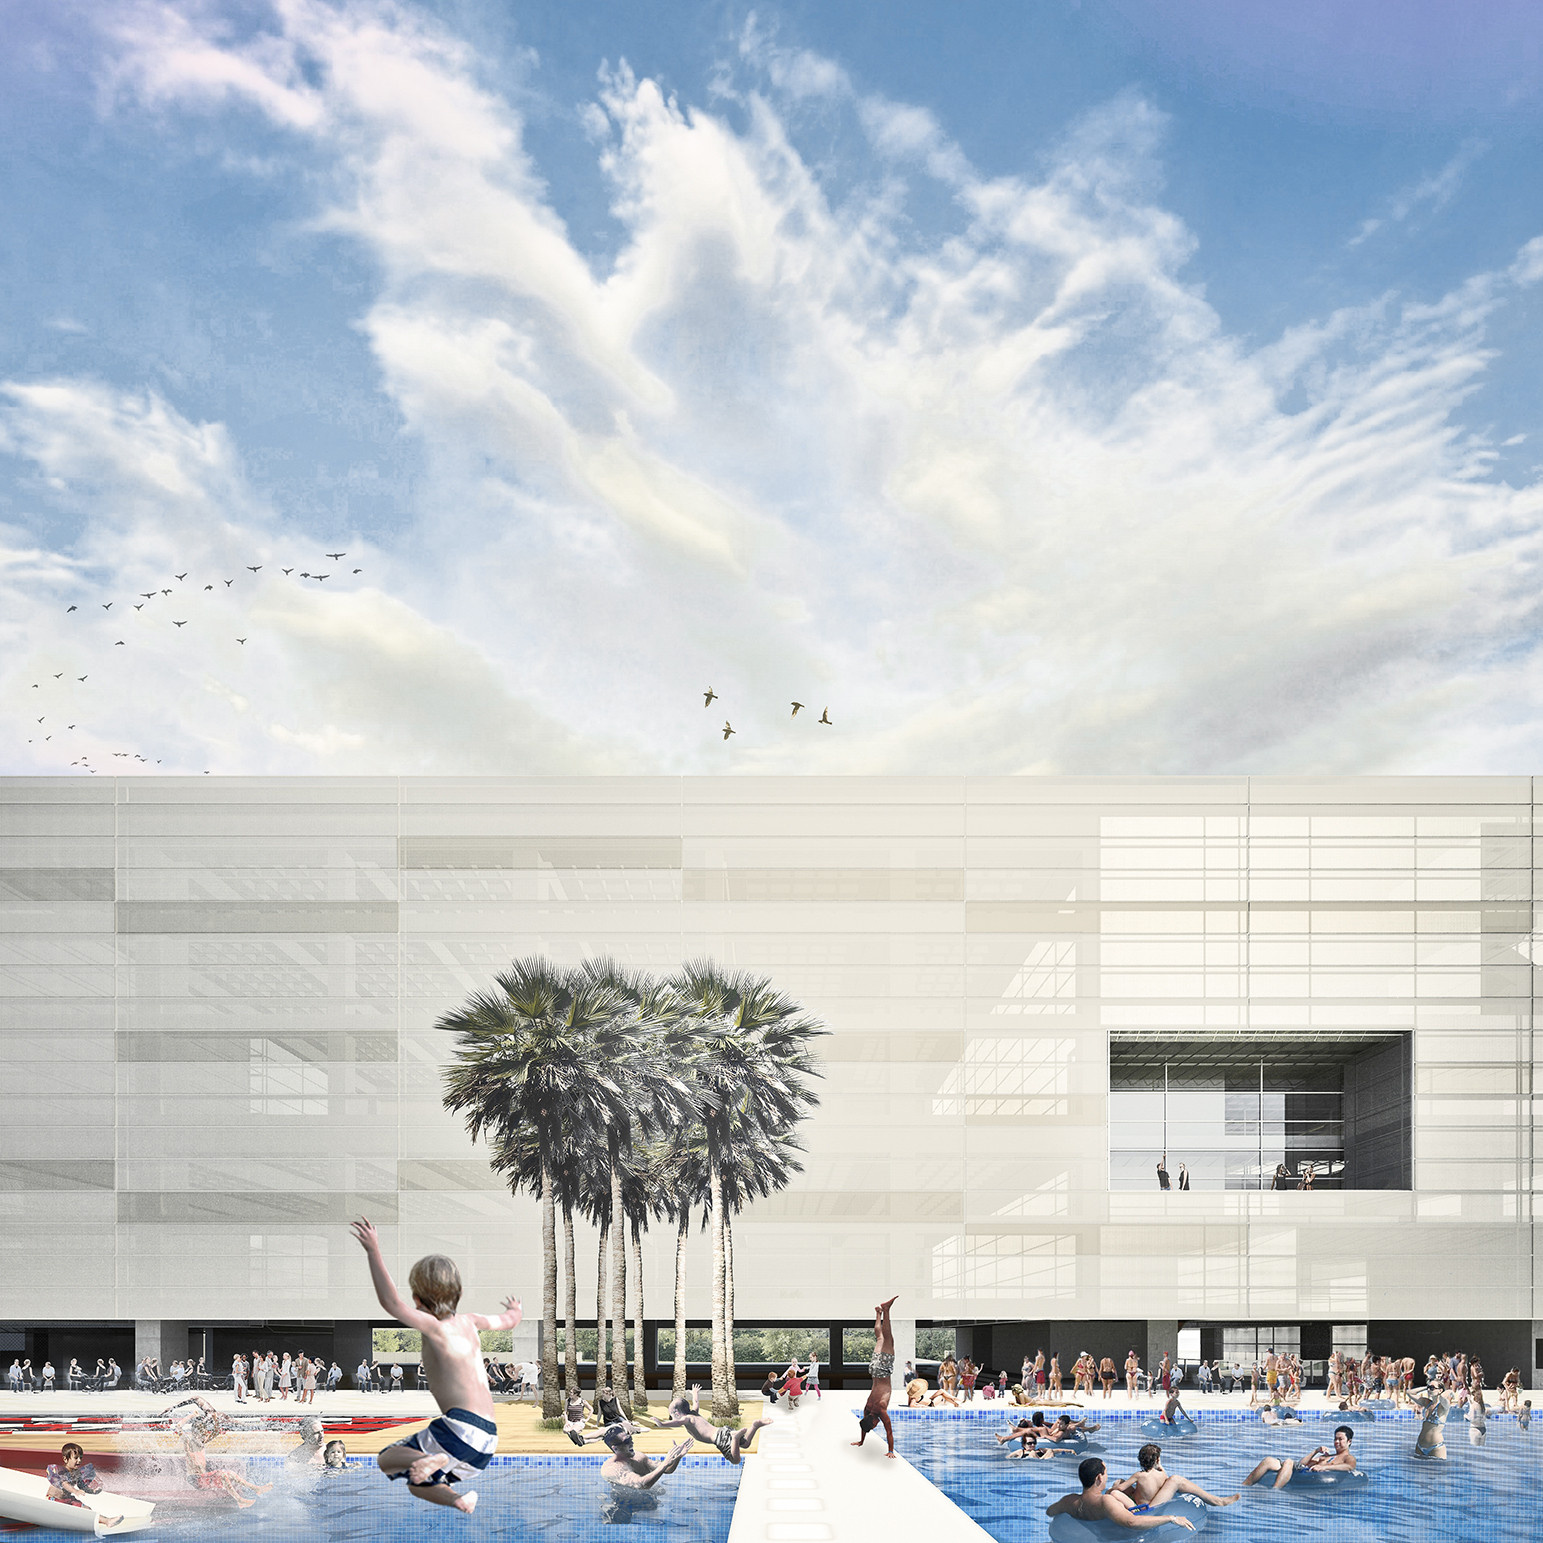 Edifício completo e clube de piscinas. Image Courtesy of Arqbox